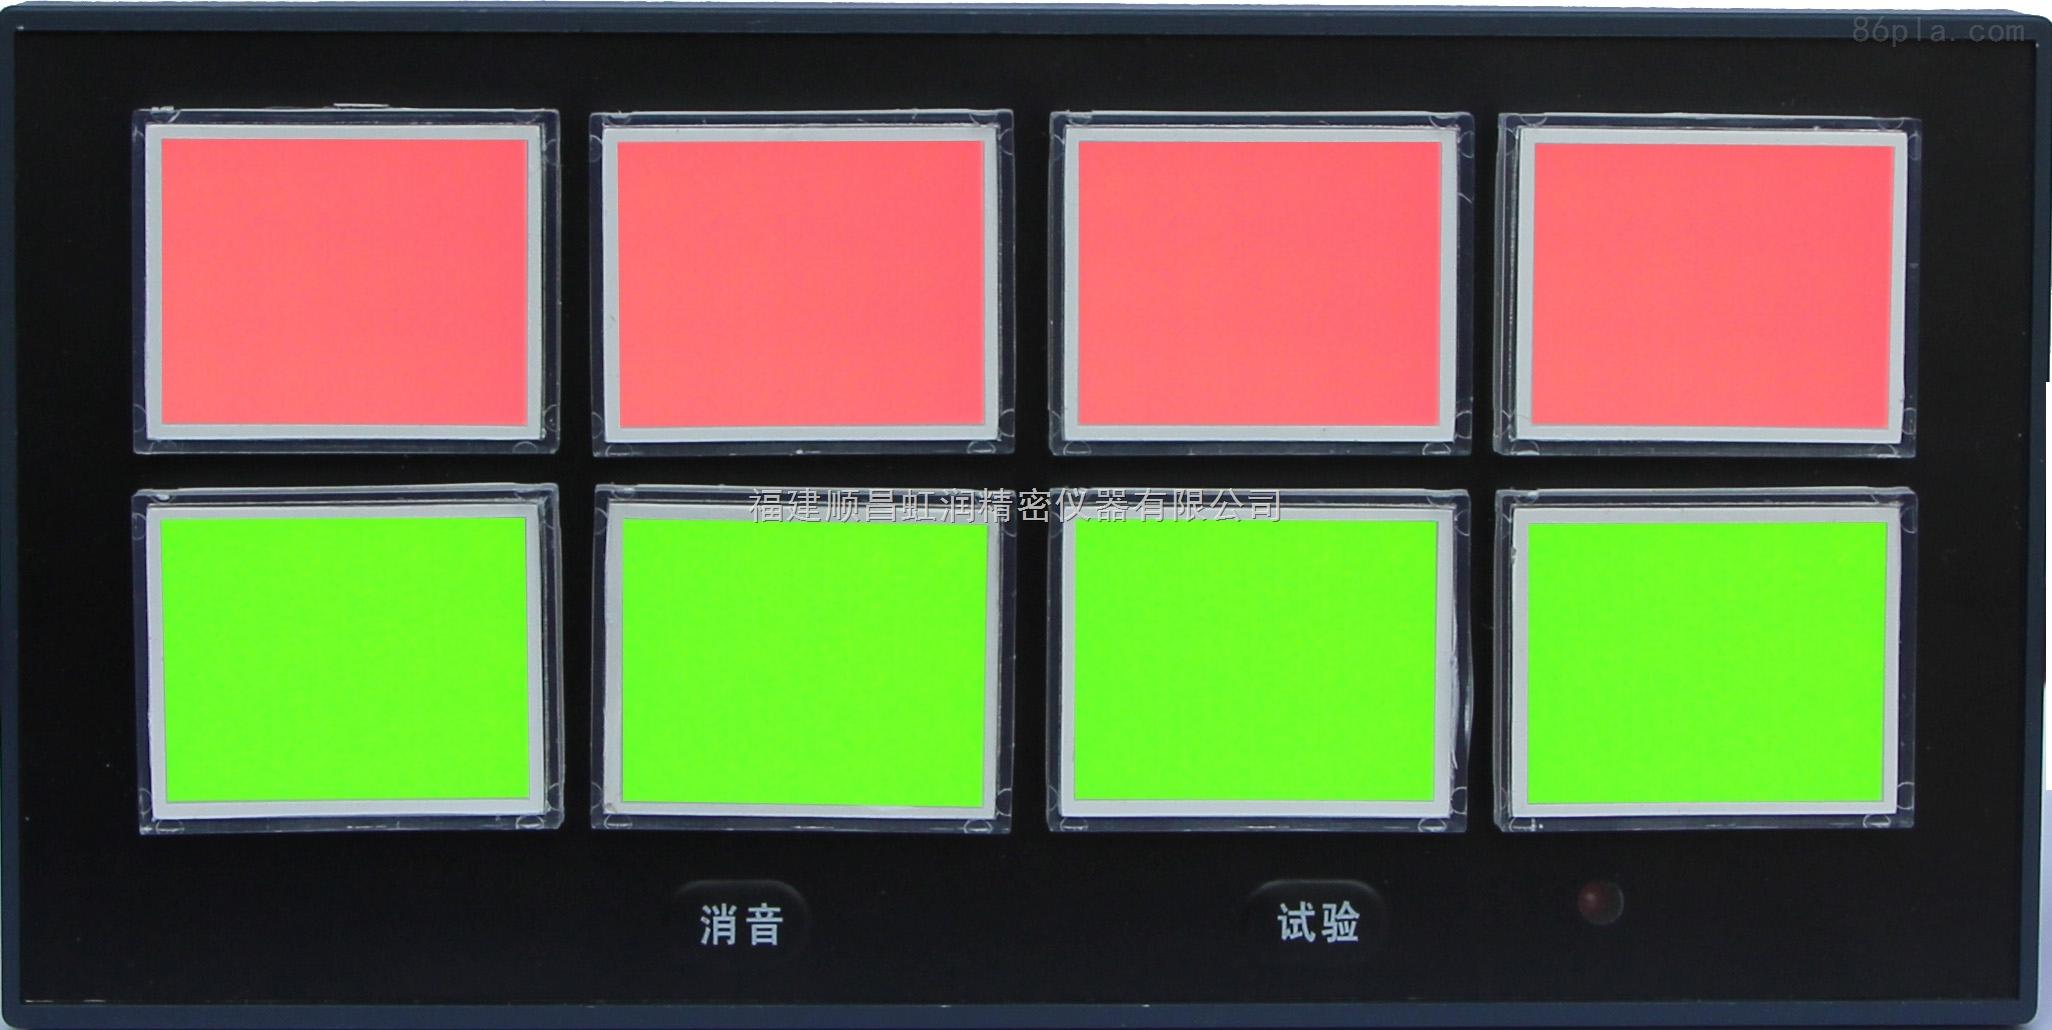 厂家直销NHR-5810系列八路闪光报警器